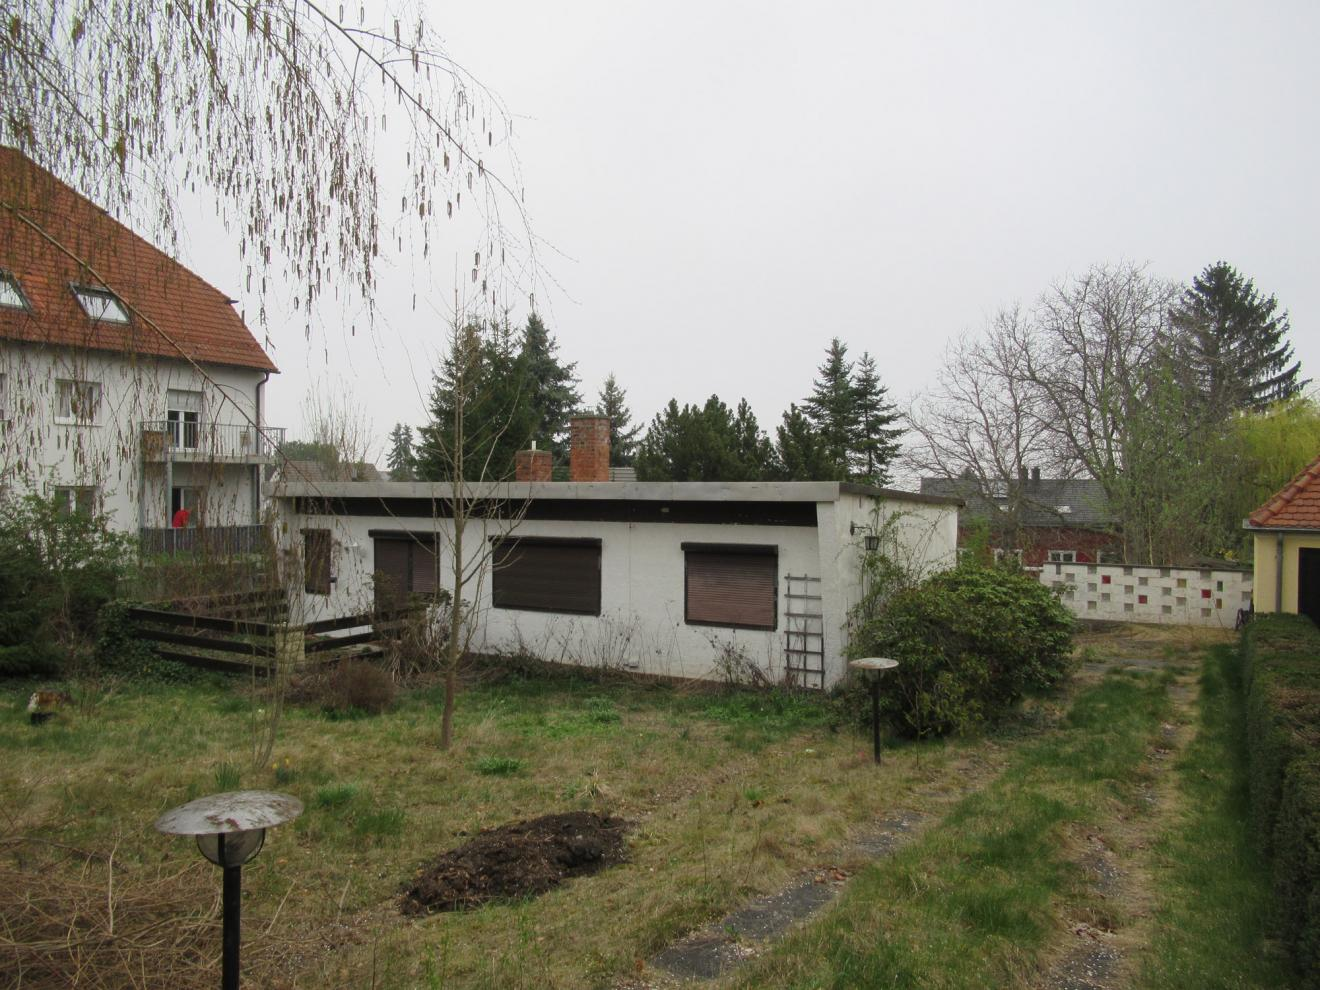 Erstellung Abbruchantrag und Entsorgungskonzept zum Bauvorhaben Neubau eines Mehrfamilienhauses in Dresden